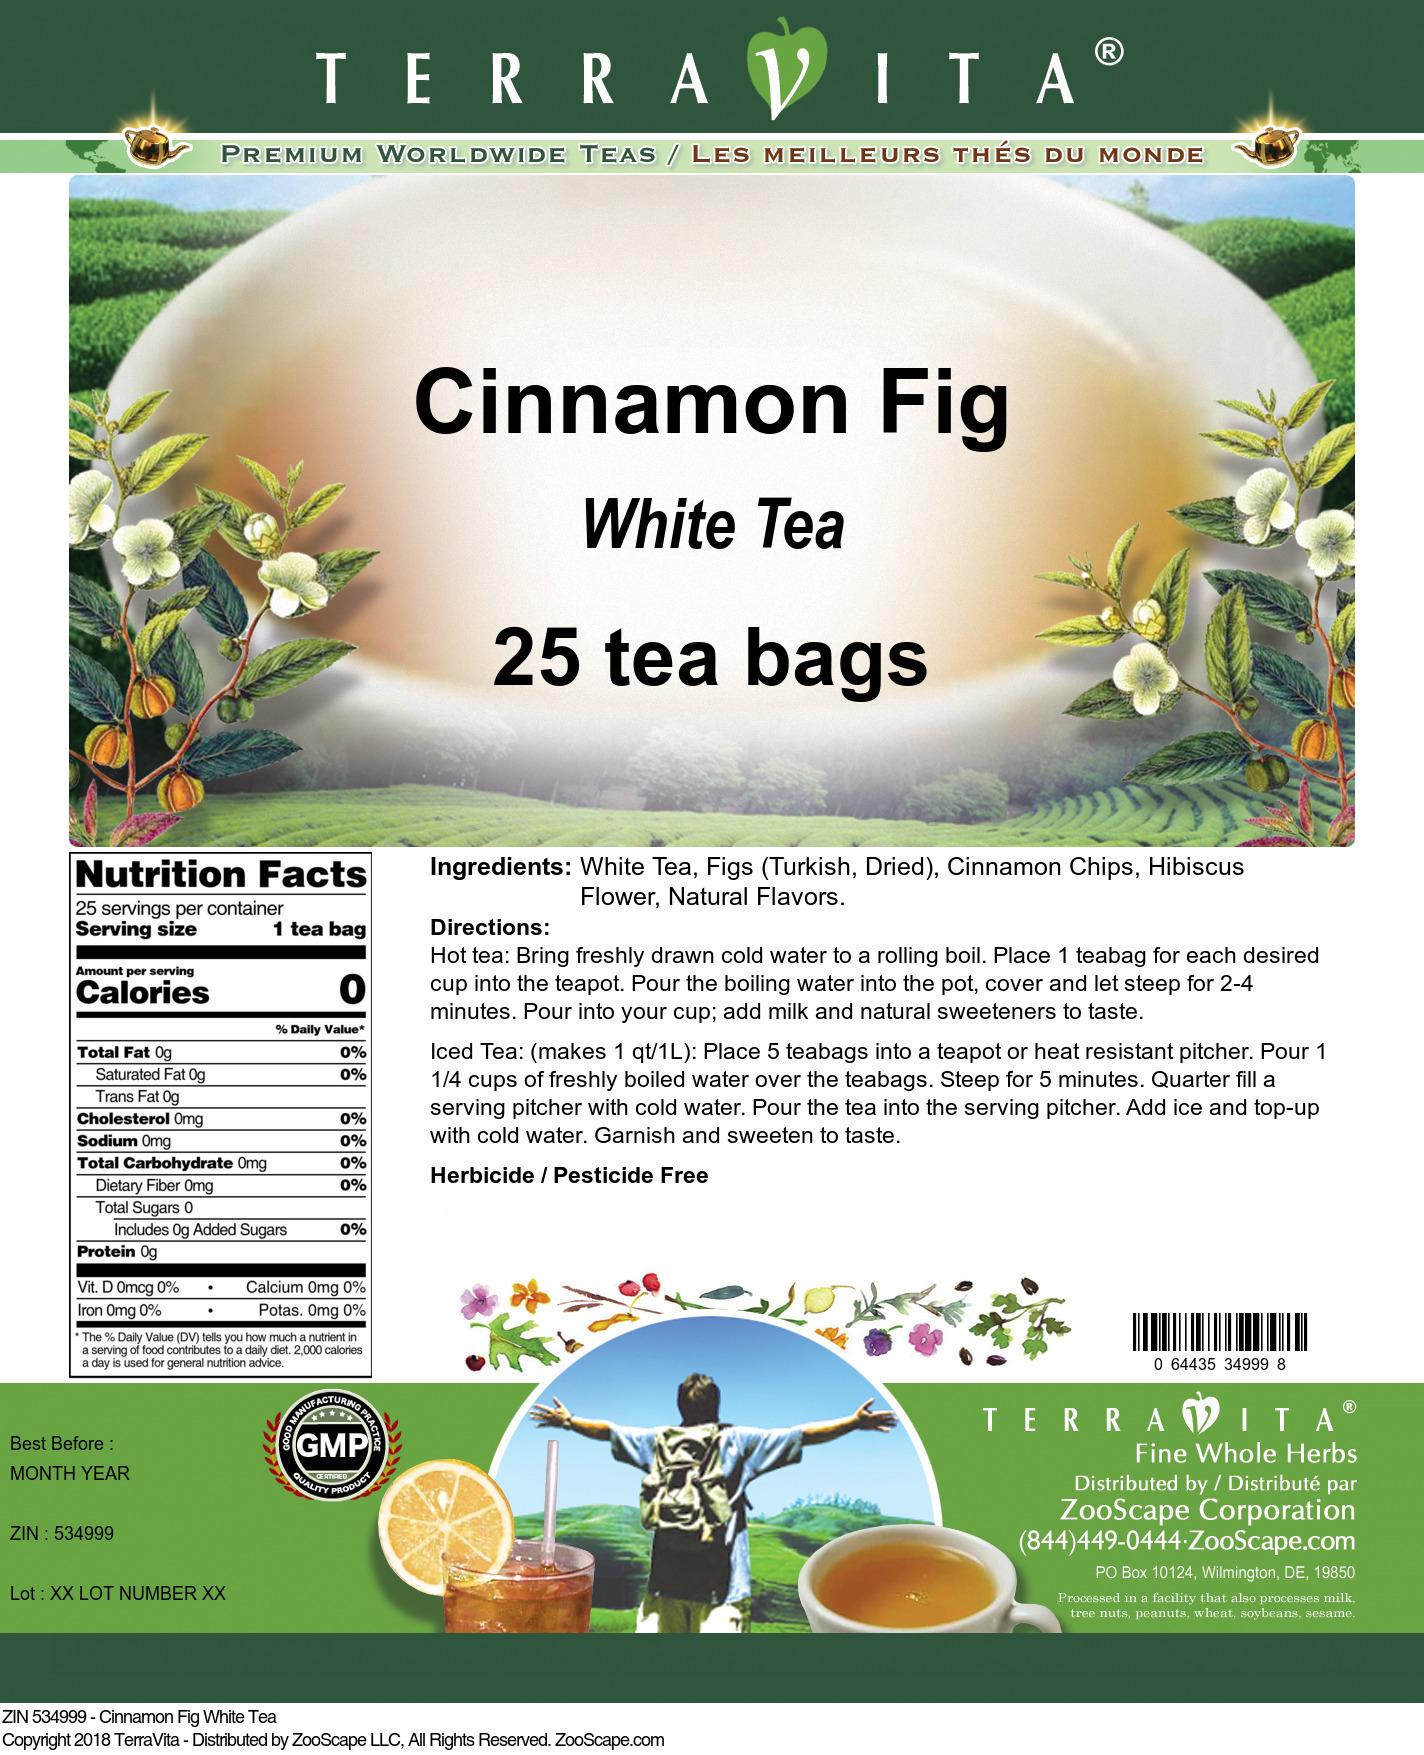 Cinnamon Fig White Tea